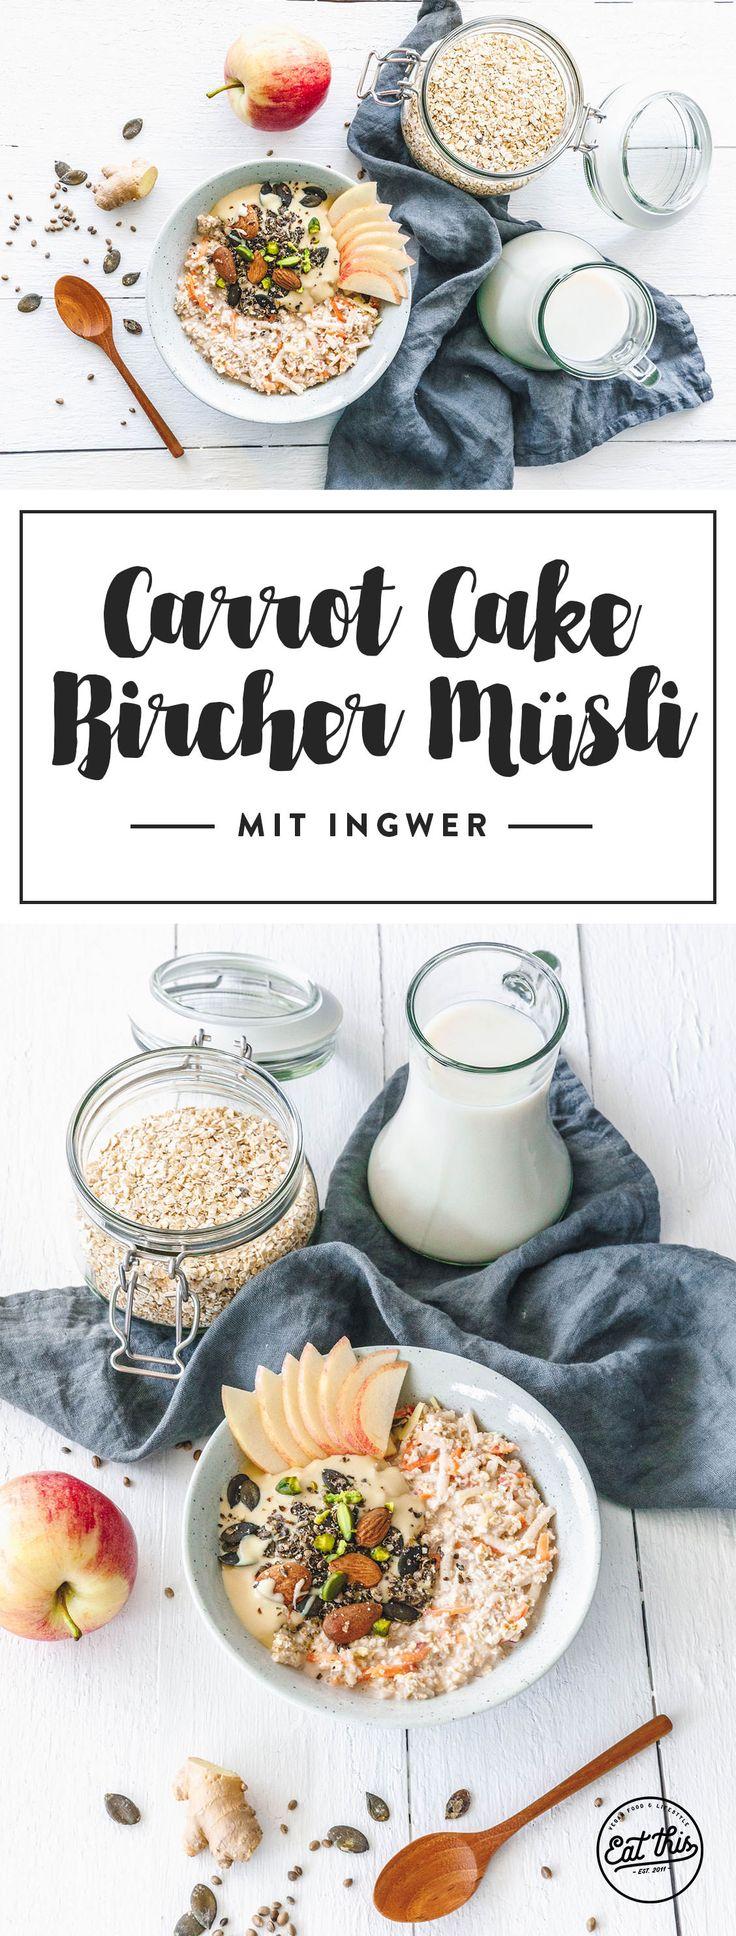 Carrot Cake Bircher Müsli